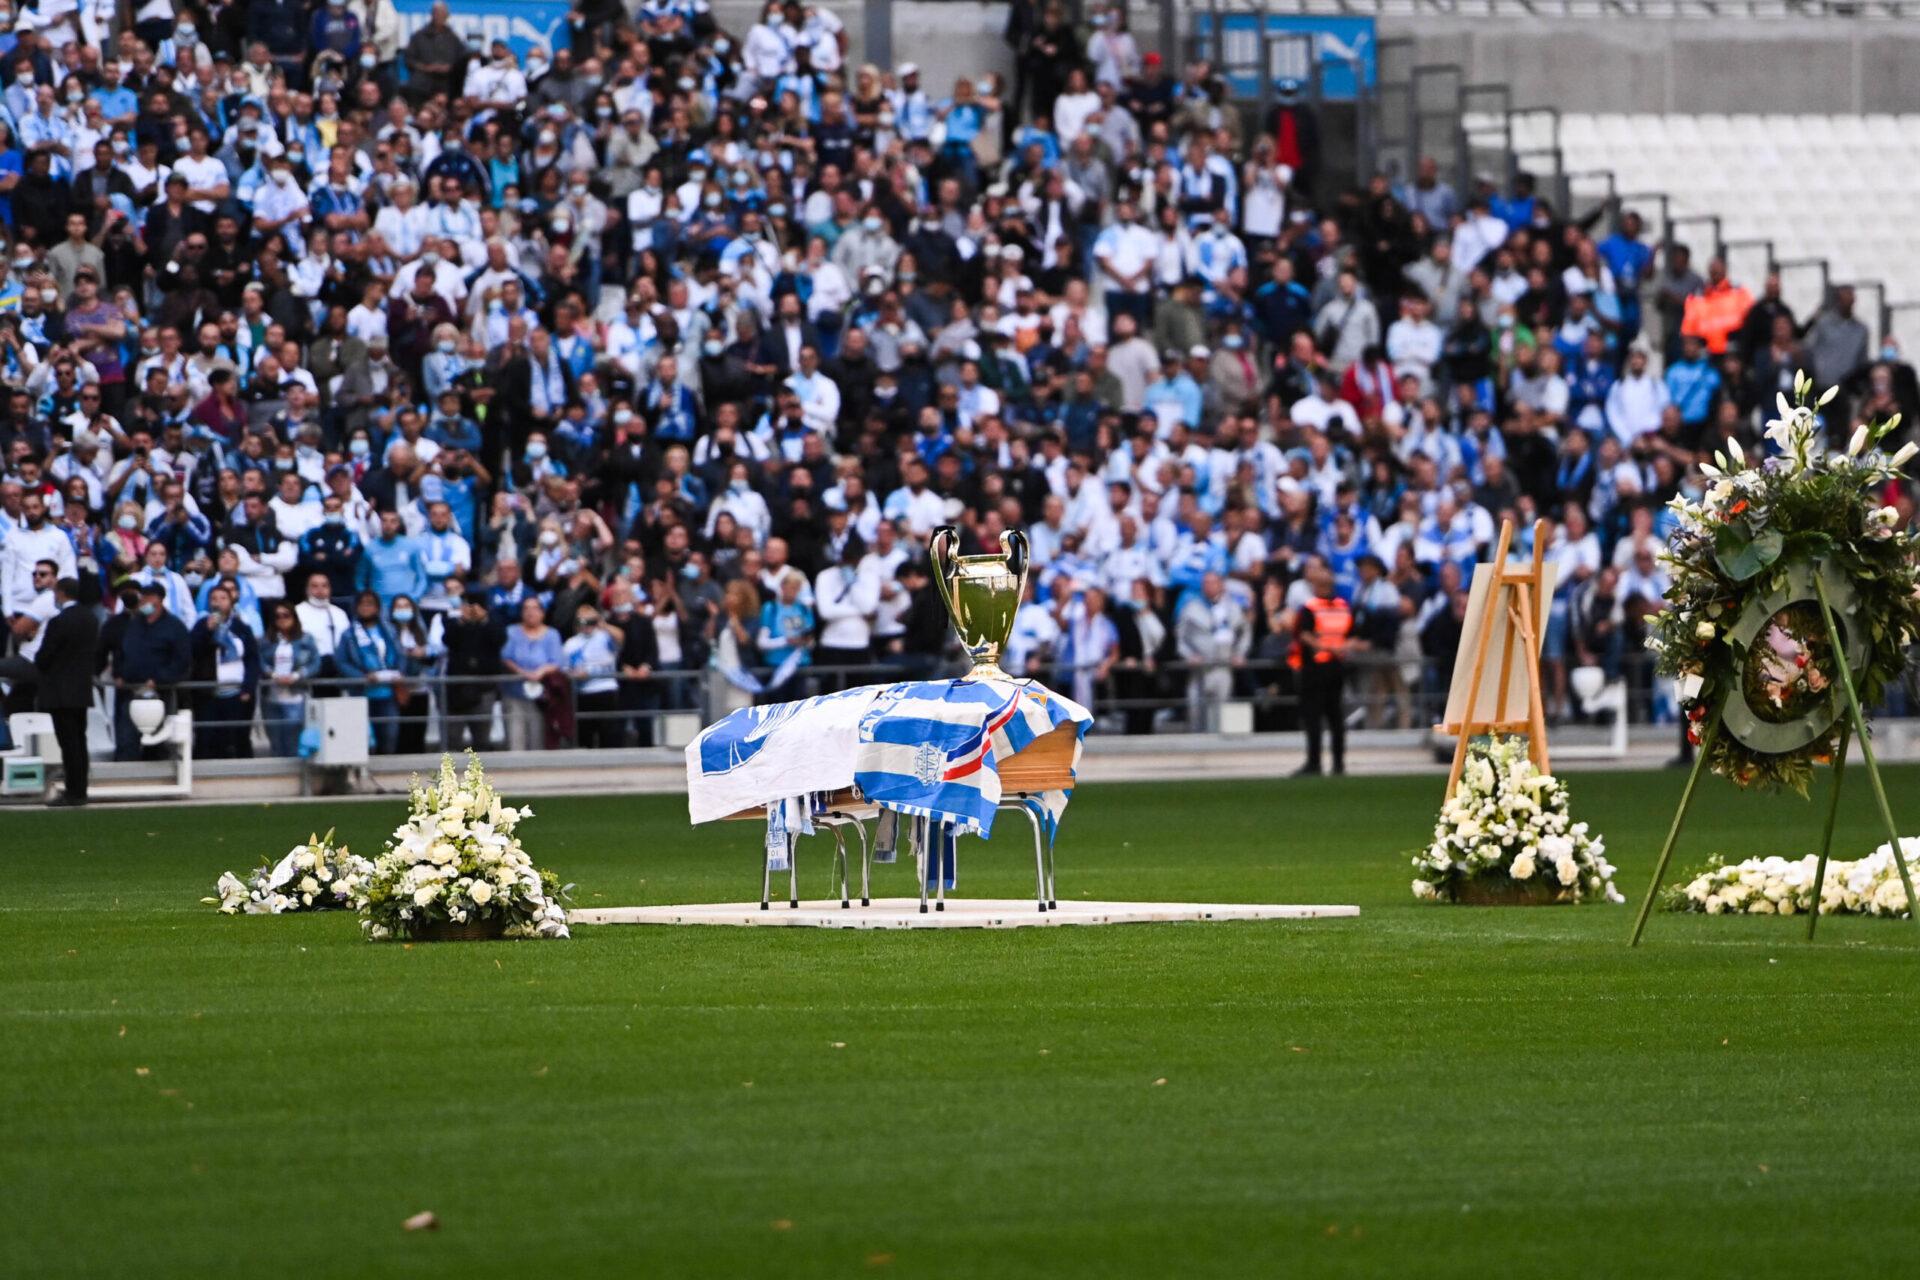 Le cercueil de l'ancien président du club a été installé au centre de la pelouse avec le trophée de la Ligue des champions 1993 (iconsport)